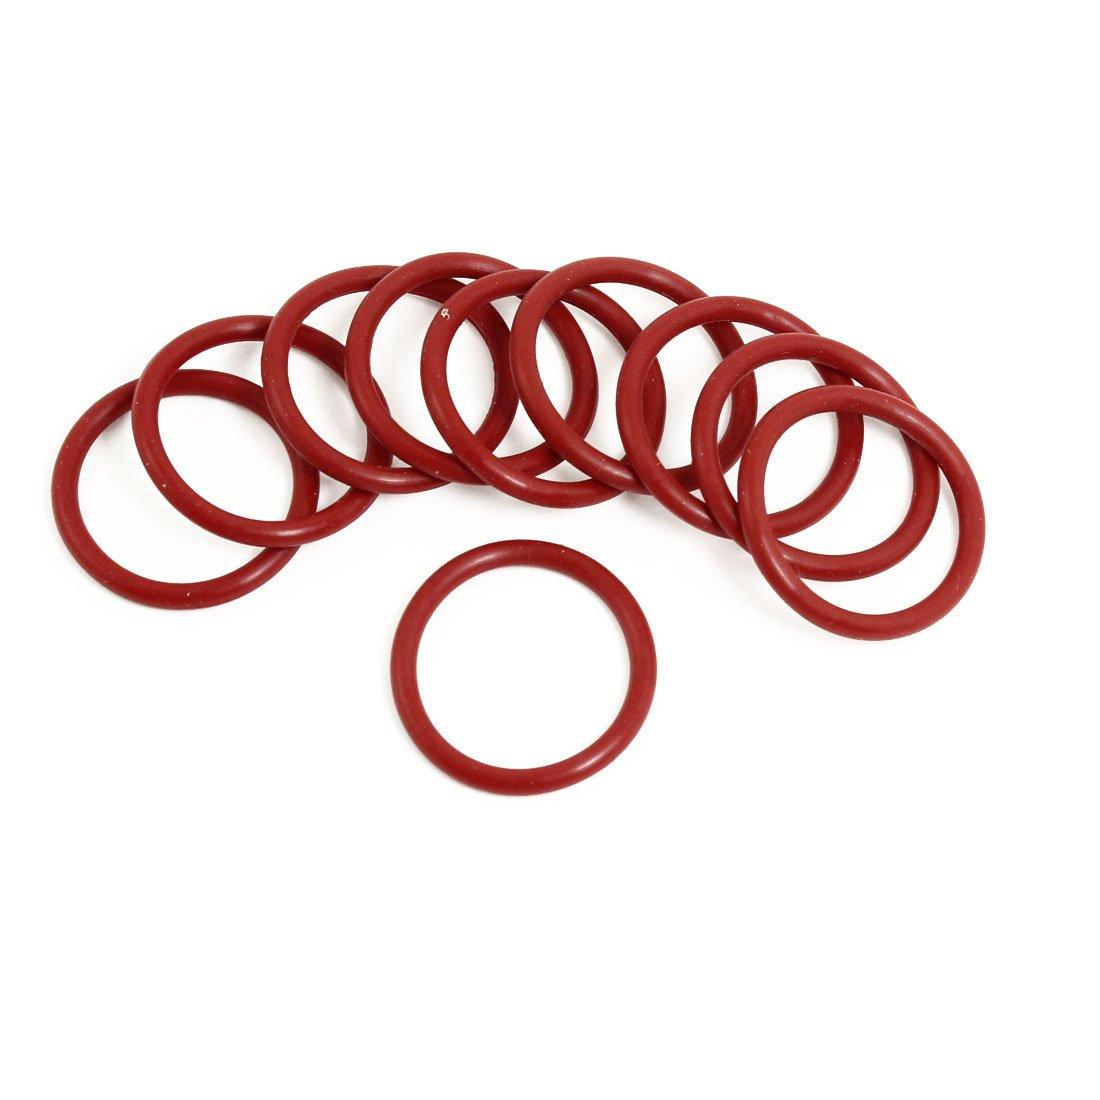 10x Flexible en caoutchouc souple O Ring Joint d'étanchéité Rondelles remplacement Red 30mm x 3mm Sourcingmap a13050600ux0065